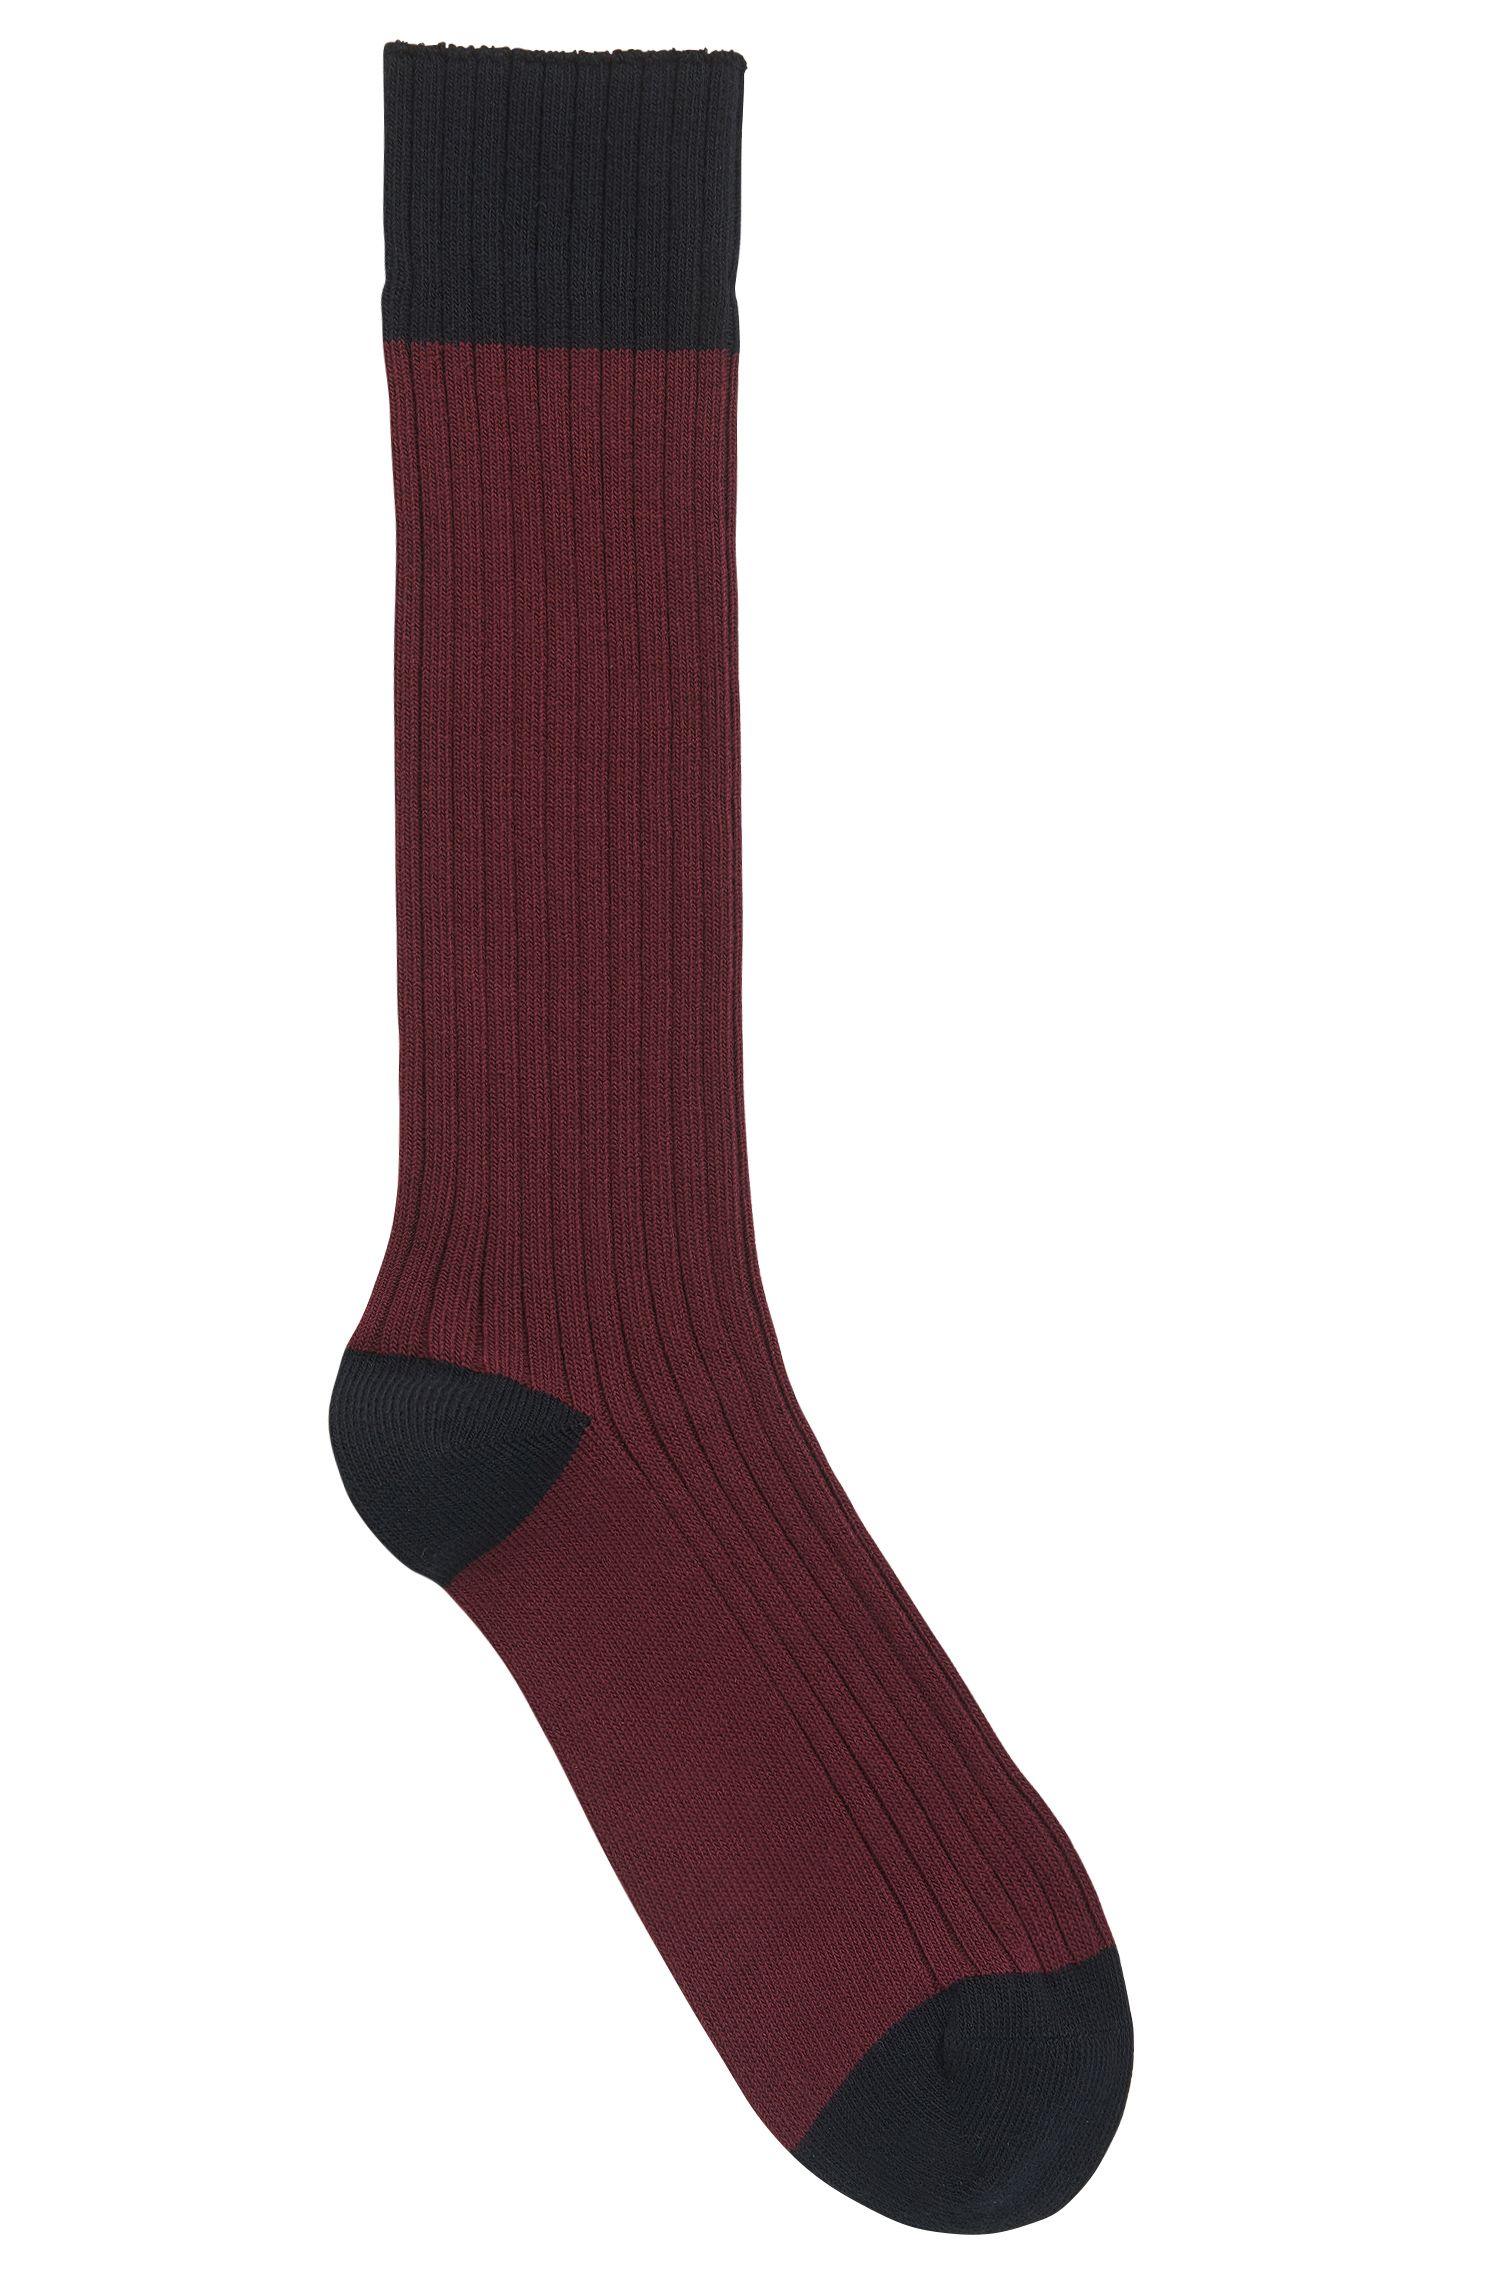 Chaussettes légères pour bottes en coton mélangé peigné